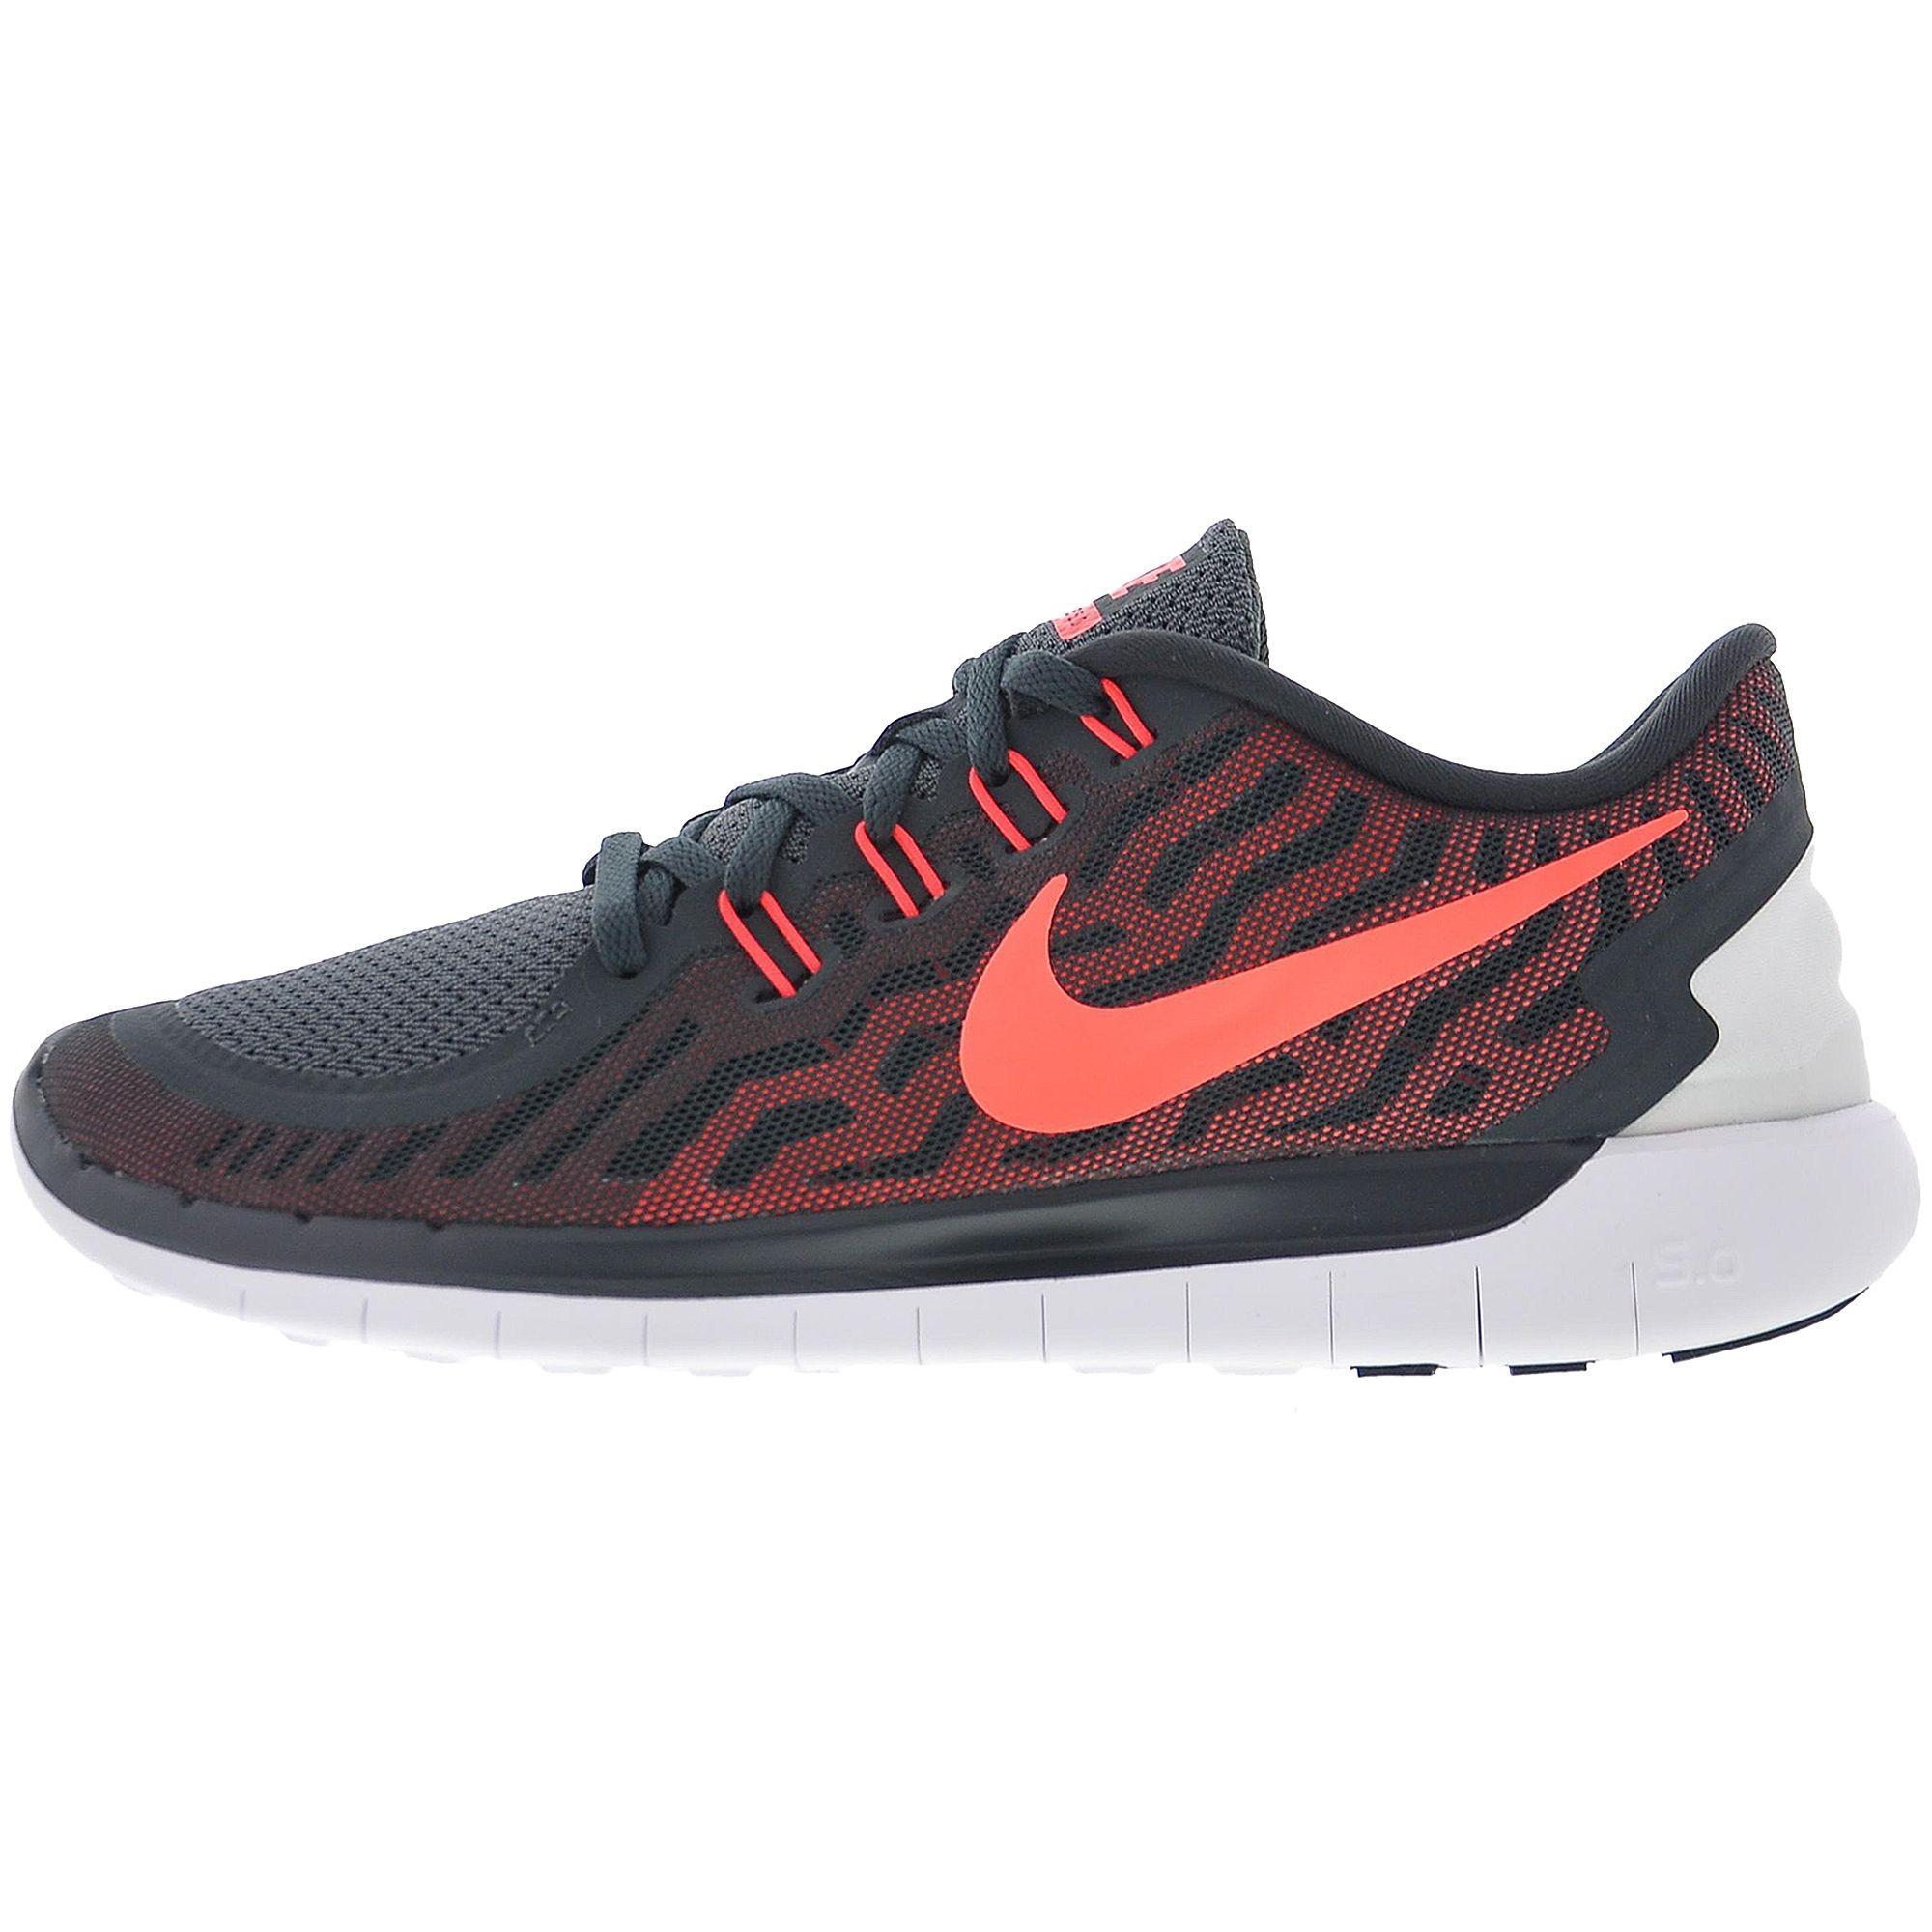 ab53339fb8d Nike Free 5.0 Erkek Spor Ayakkabı #724382-016 - Barcin.com ...